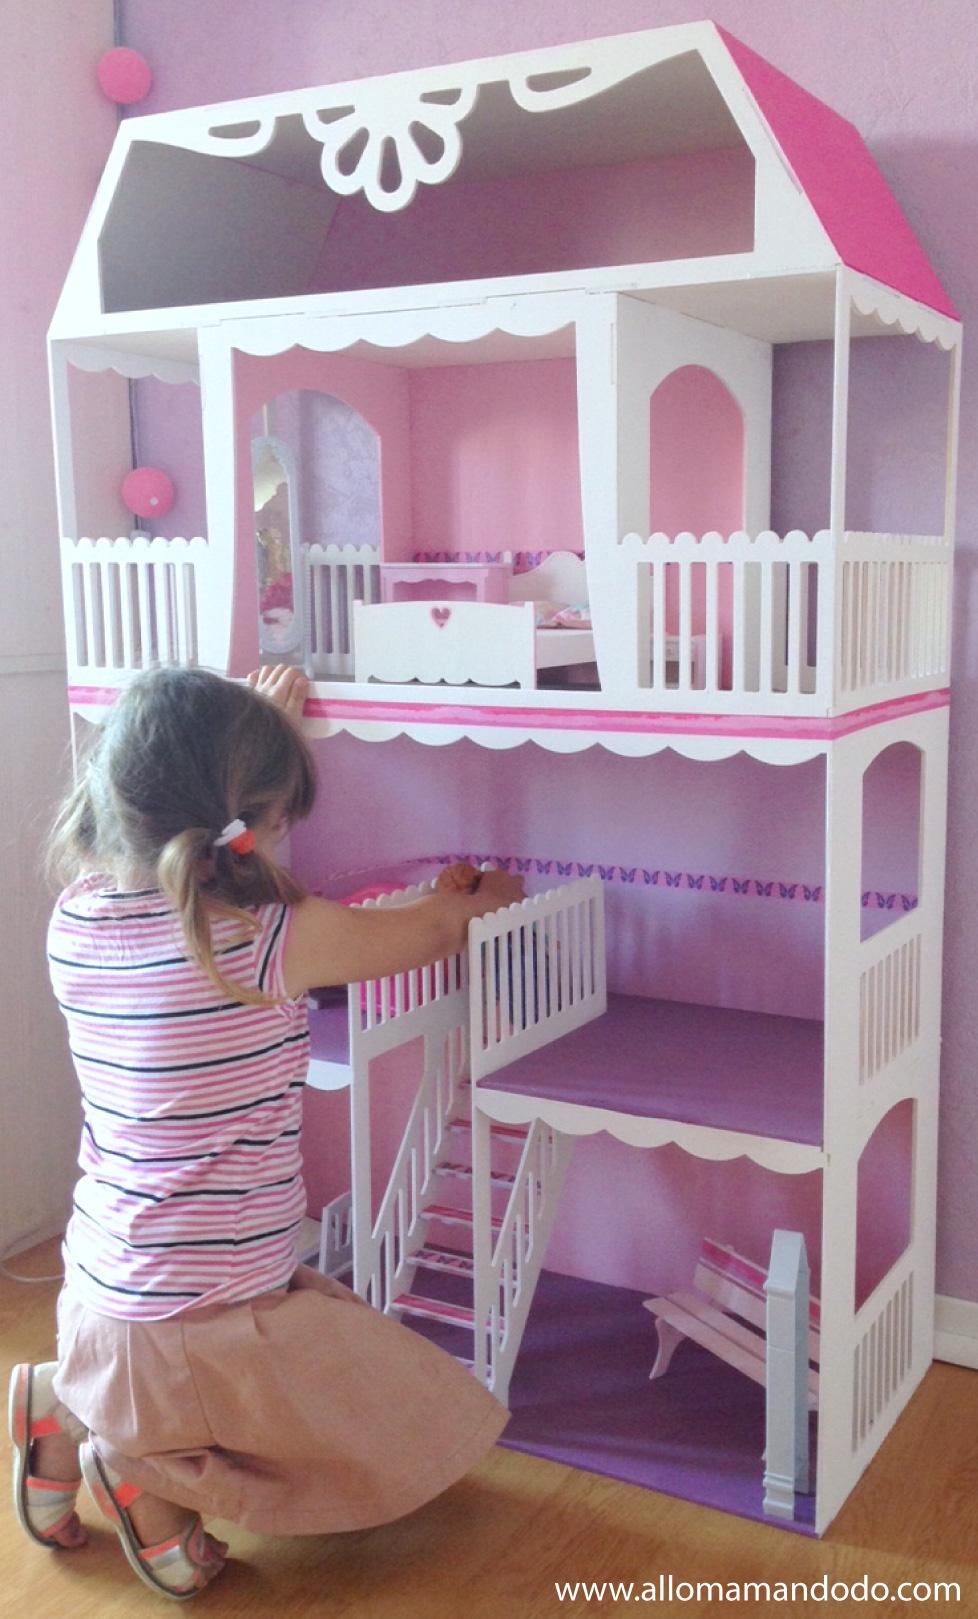 Sa maison de barbie personnaliser merci les kits mini for Accessoire maison barbie